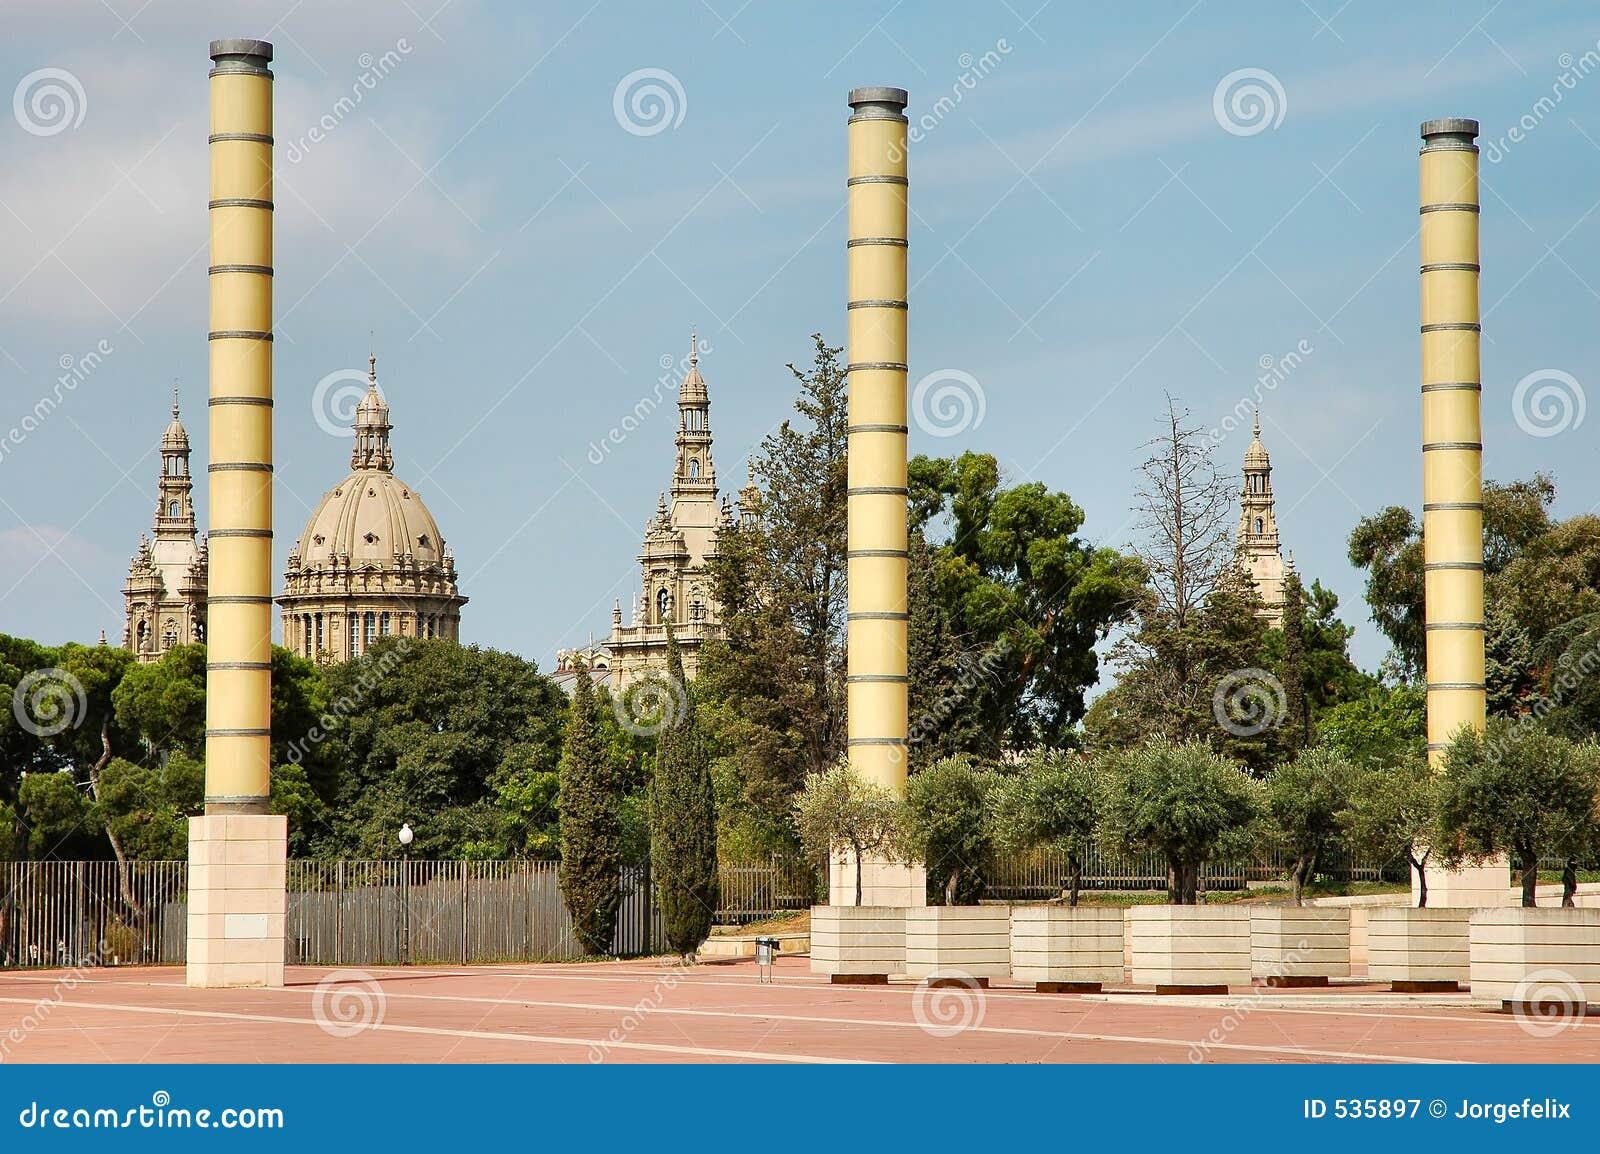 Download 巴塞罗那 库存图片. 图片 包括有 植被, 都市, 西班牙, 著名, 印度榕树, 拱道, 风景, 艺术, 宫殿 - 535897